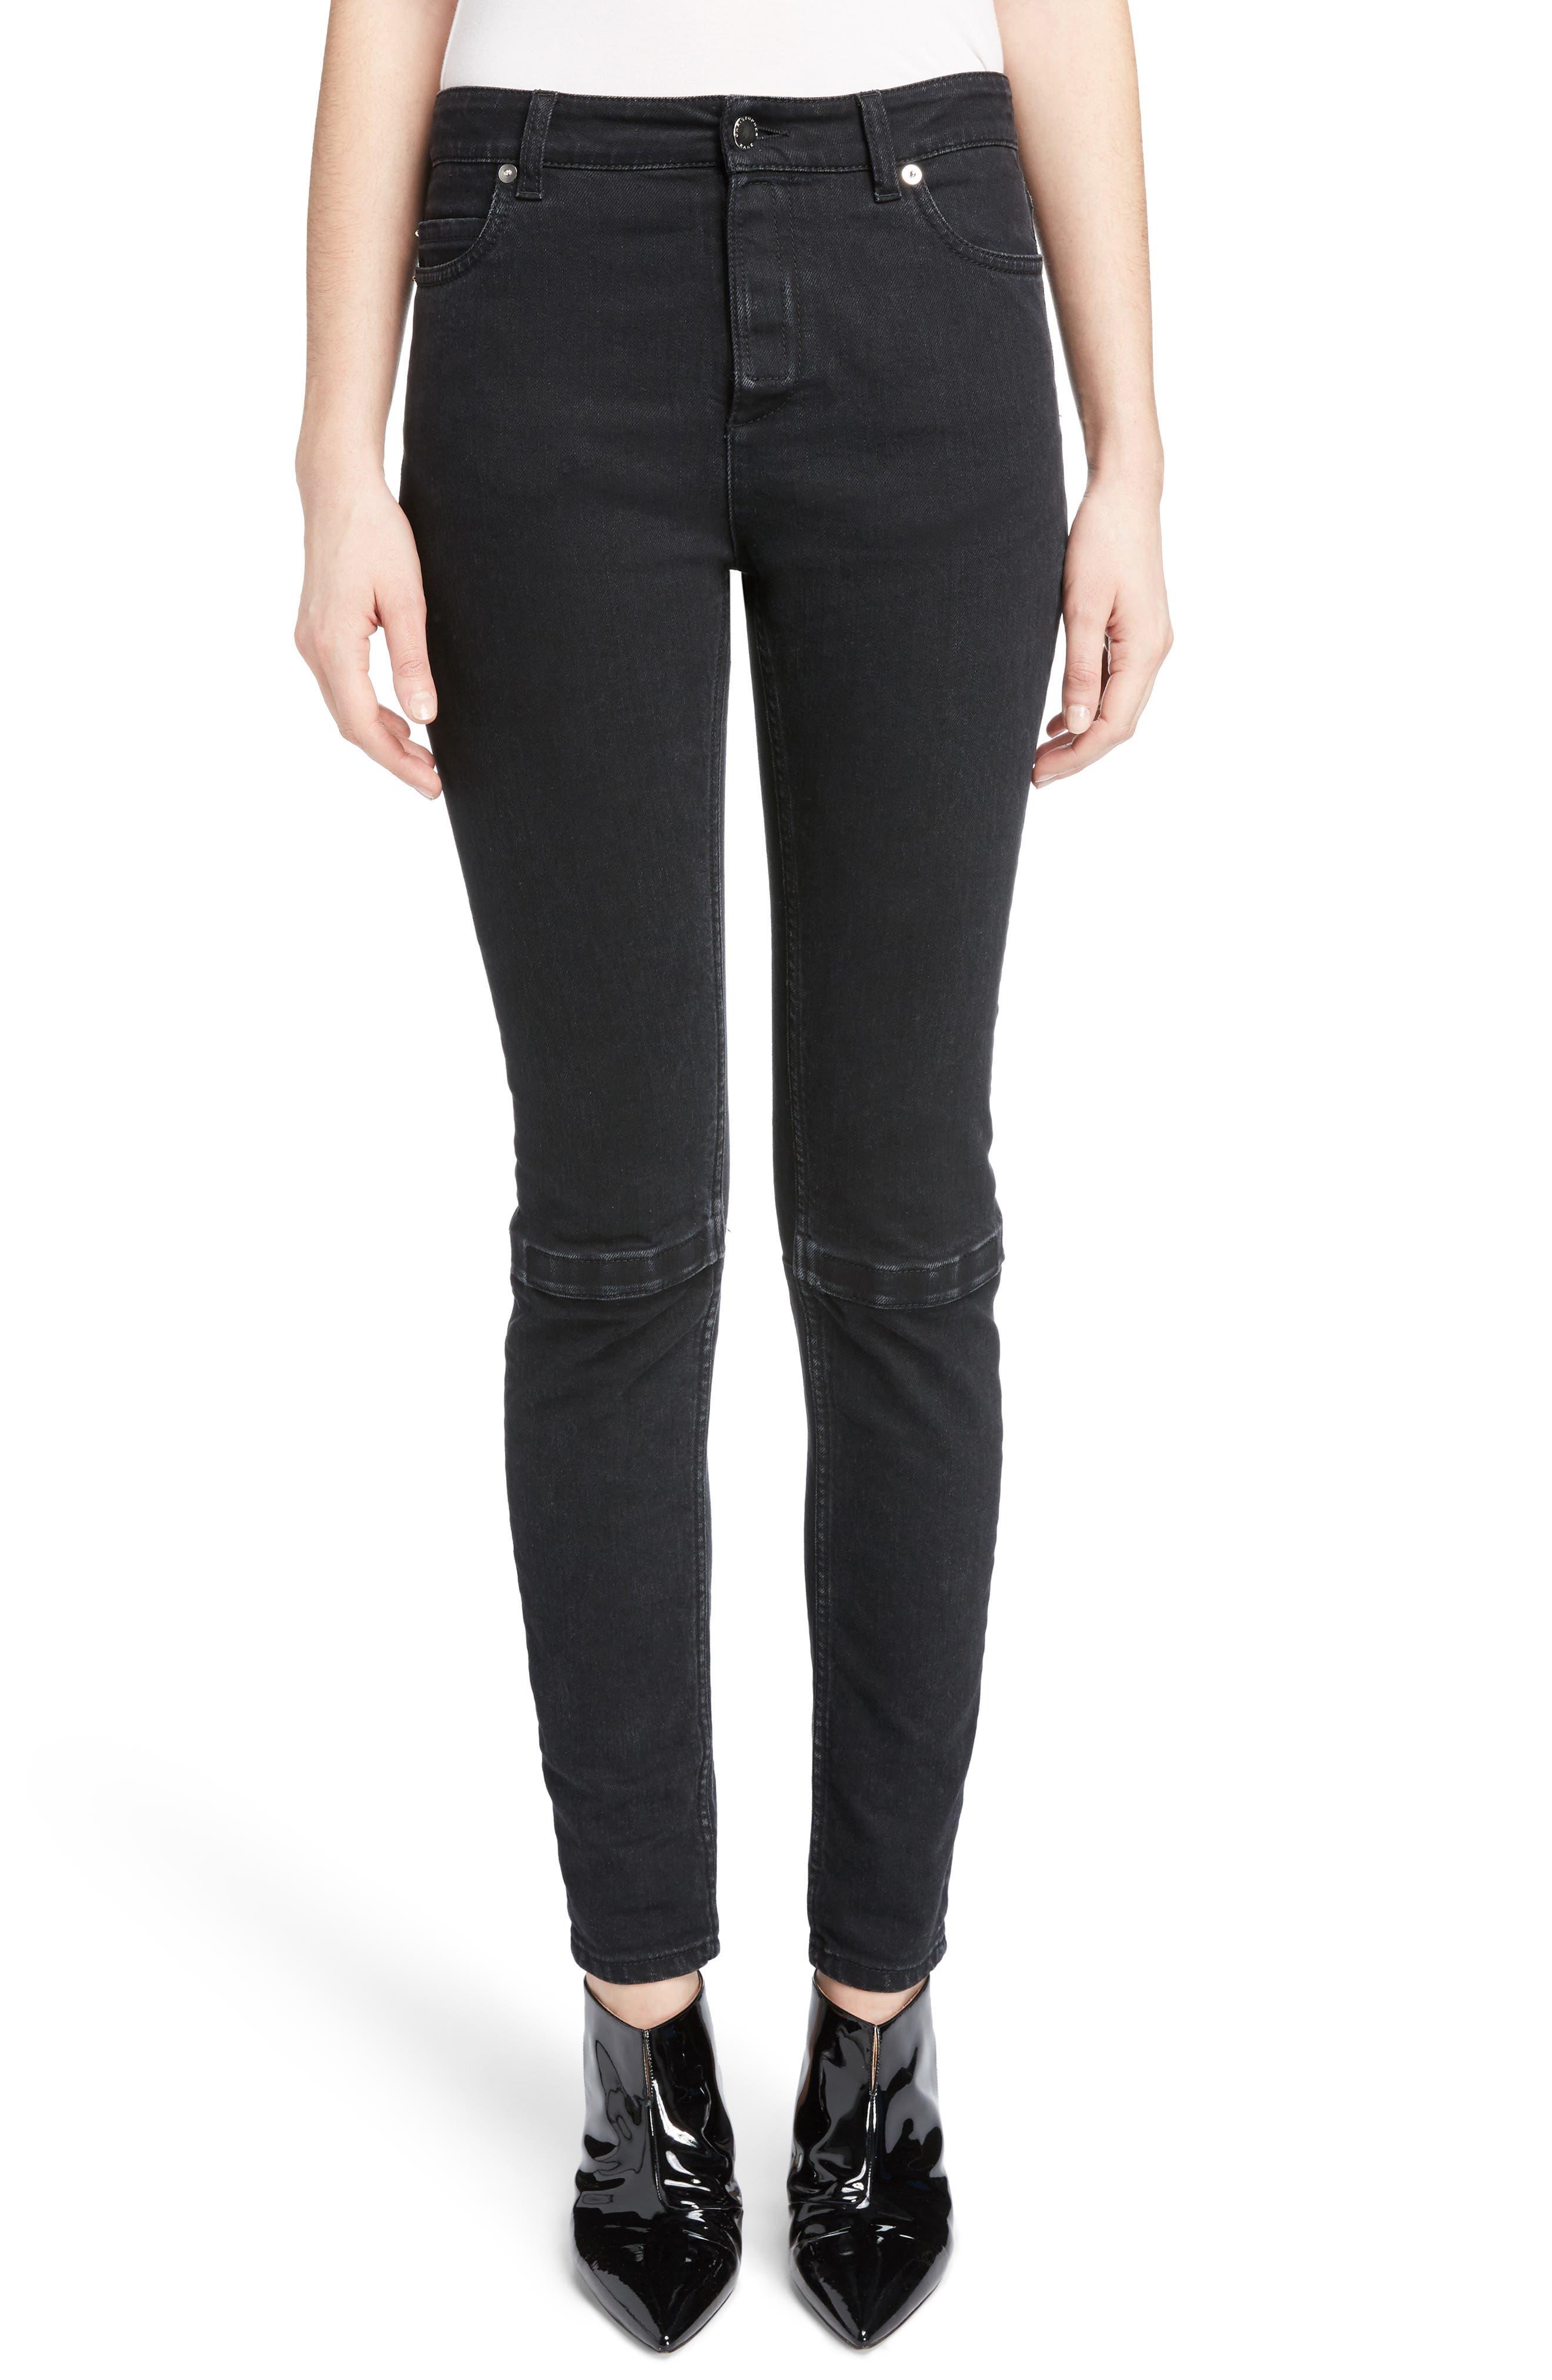 Hook & Loop Fly Skinny Jeans,                             Main thumbnail 1, color,                             Black